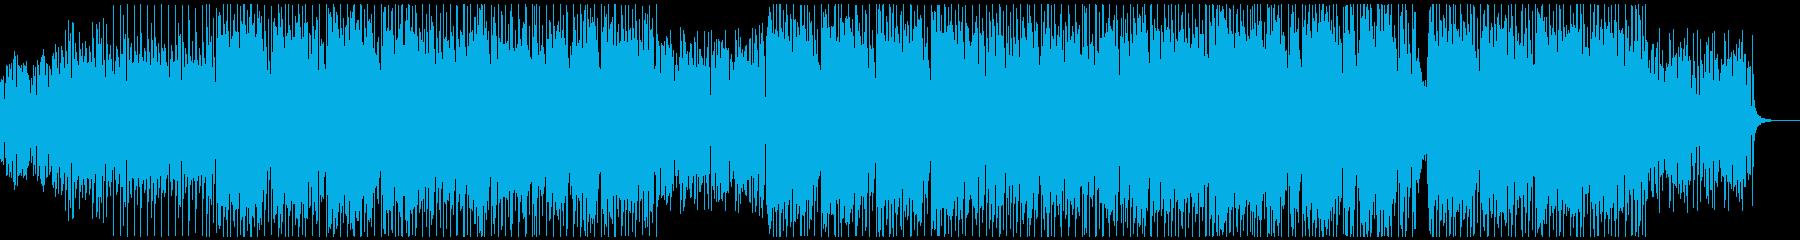 【和風テクノ】ノリノリ・軽快・ダンサブルの再生済みの波形